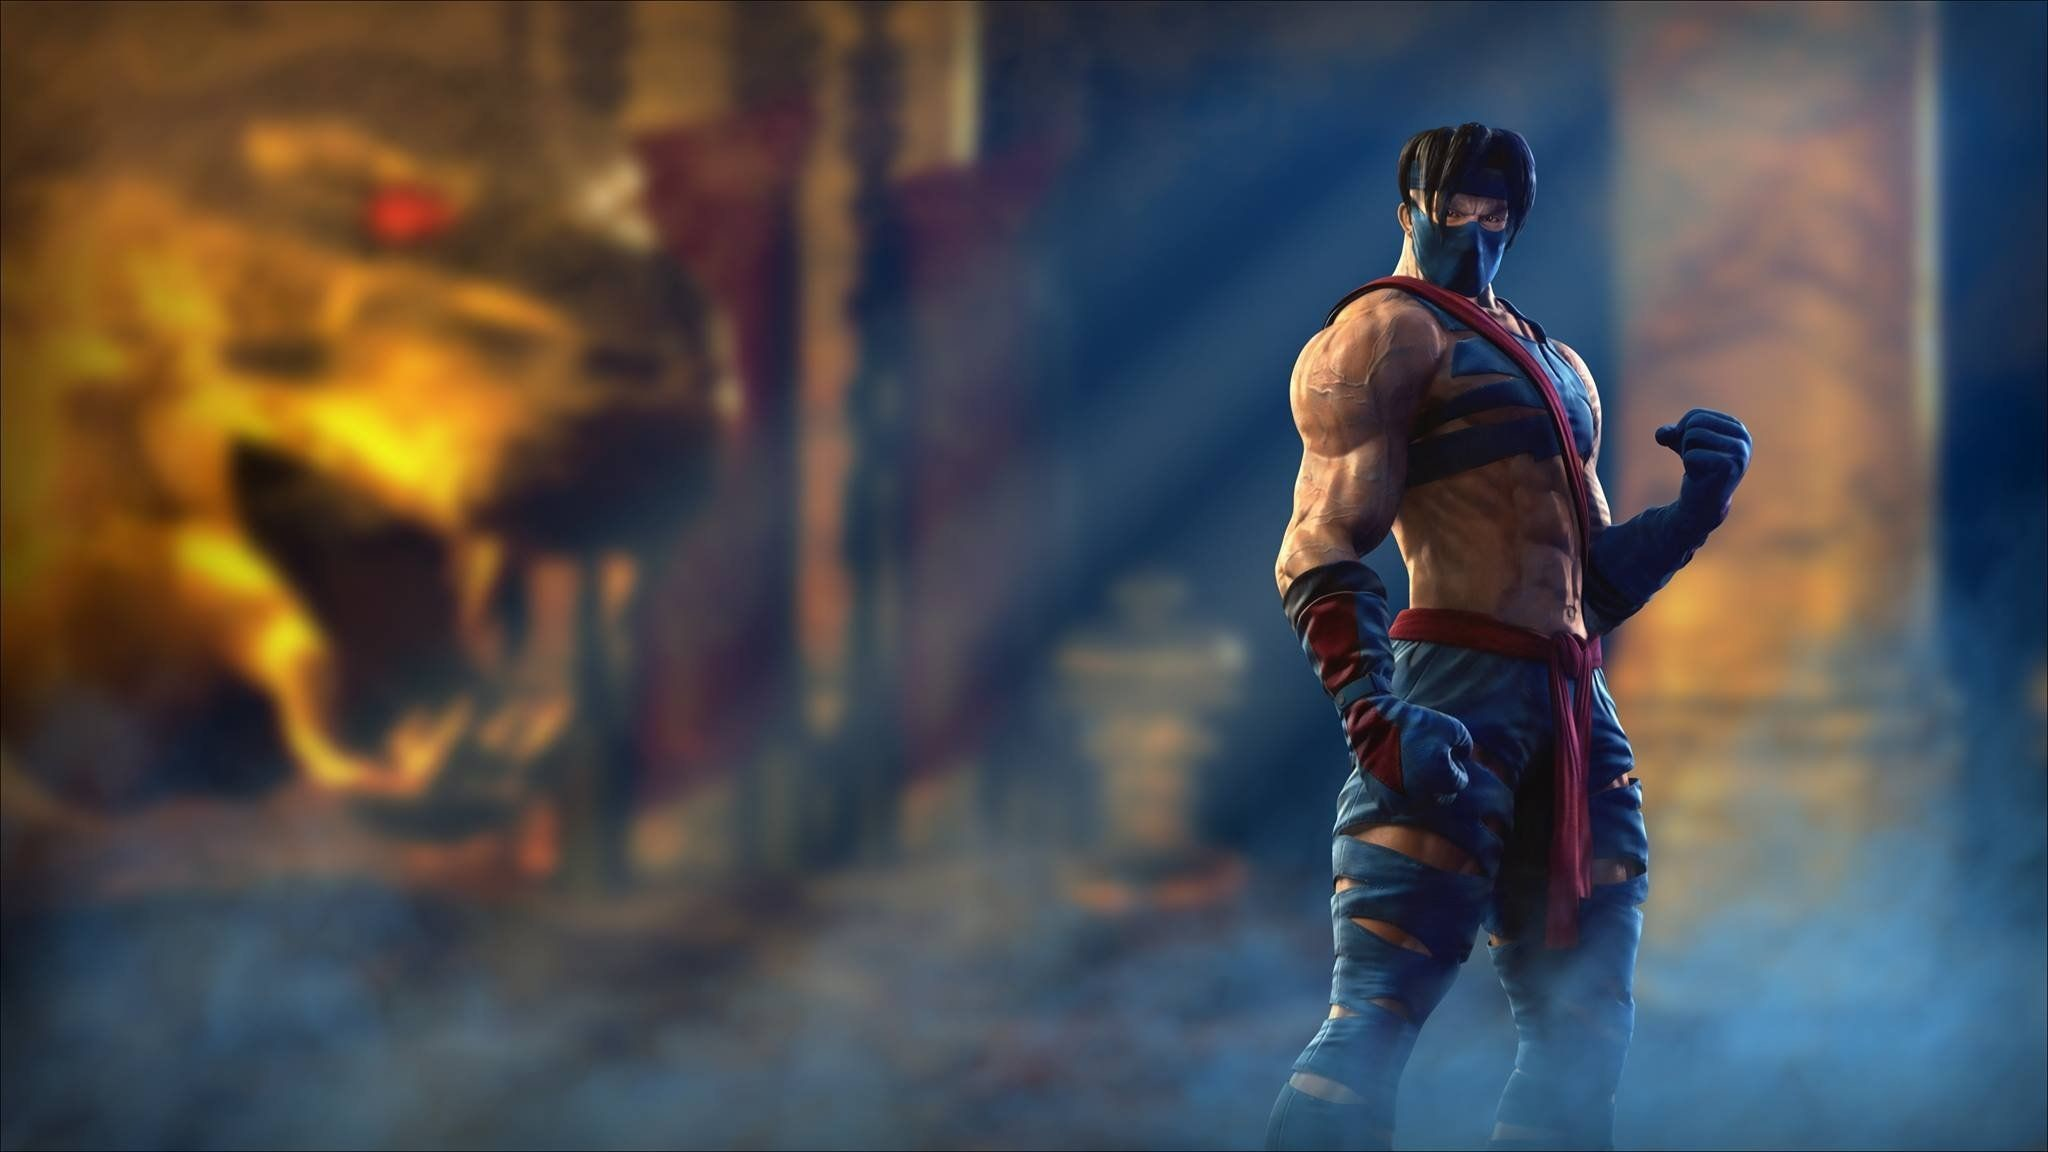 KILLER INSTINCT fighting fantasy game game (32) wallpaper .